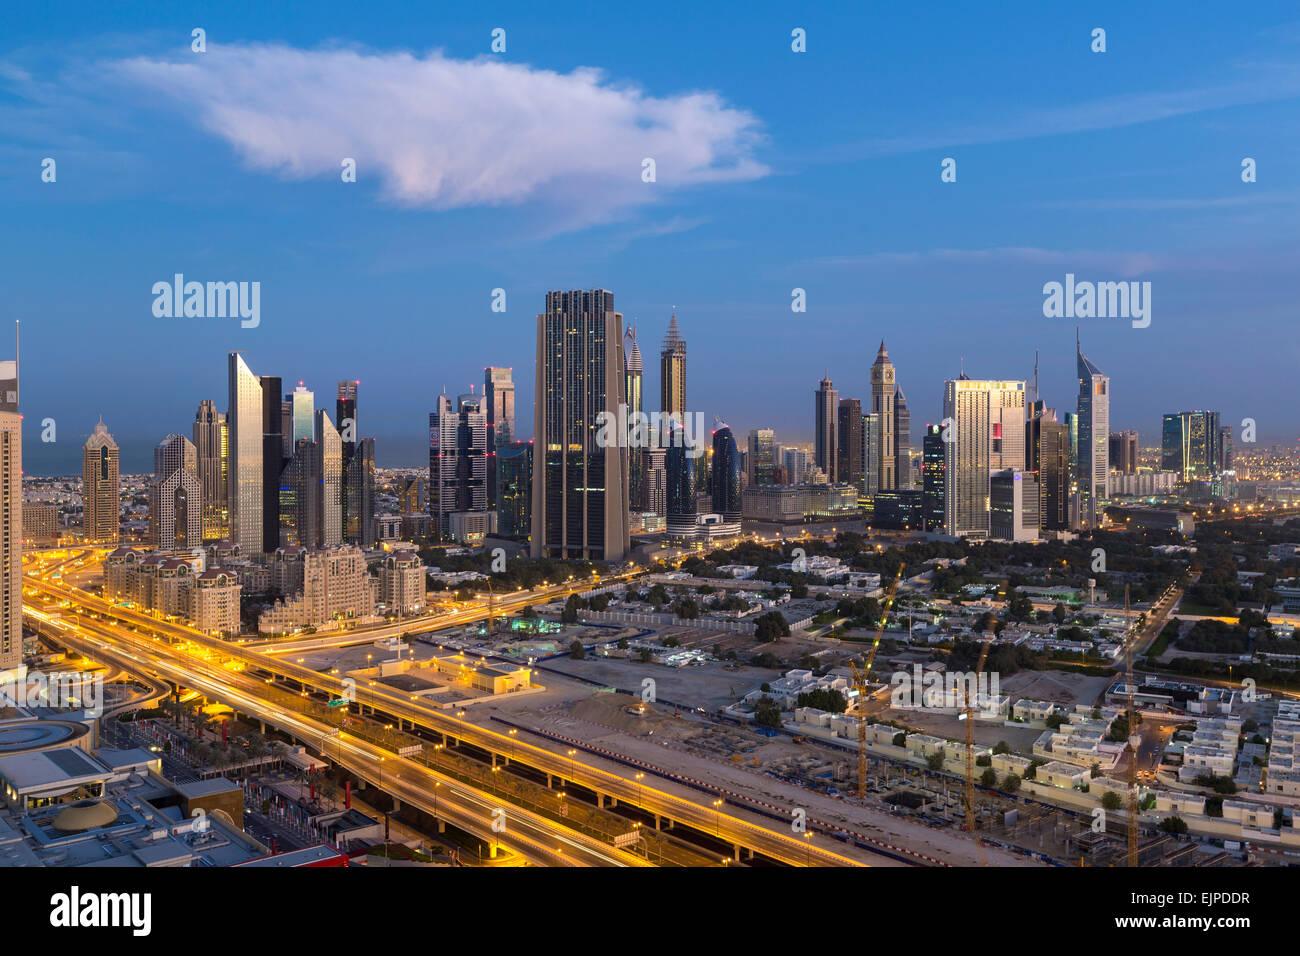 Dubai, Vereinigte Arabische Emirate, neue Hochhäuser und Verkehr auf der Sheikh Zayed Road Stockbild